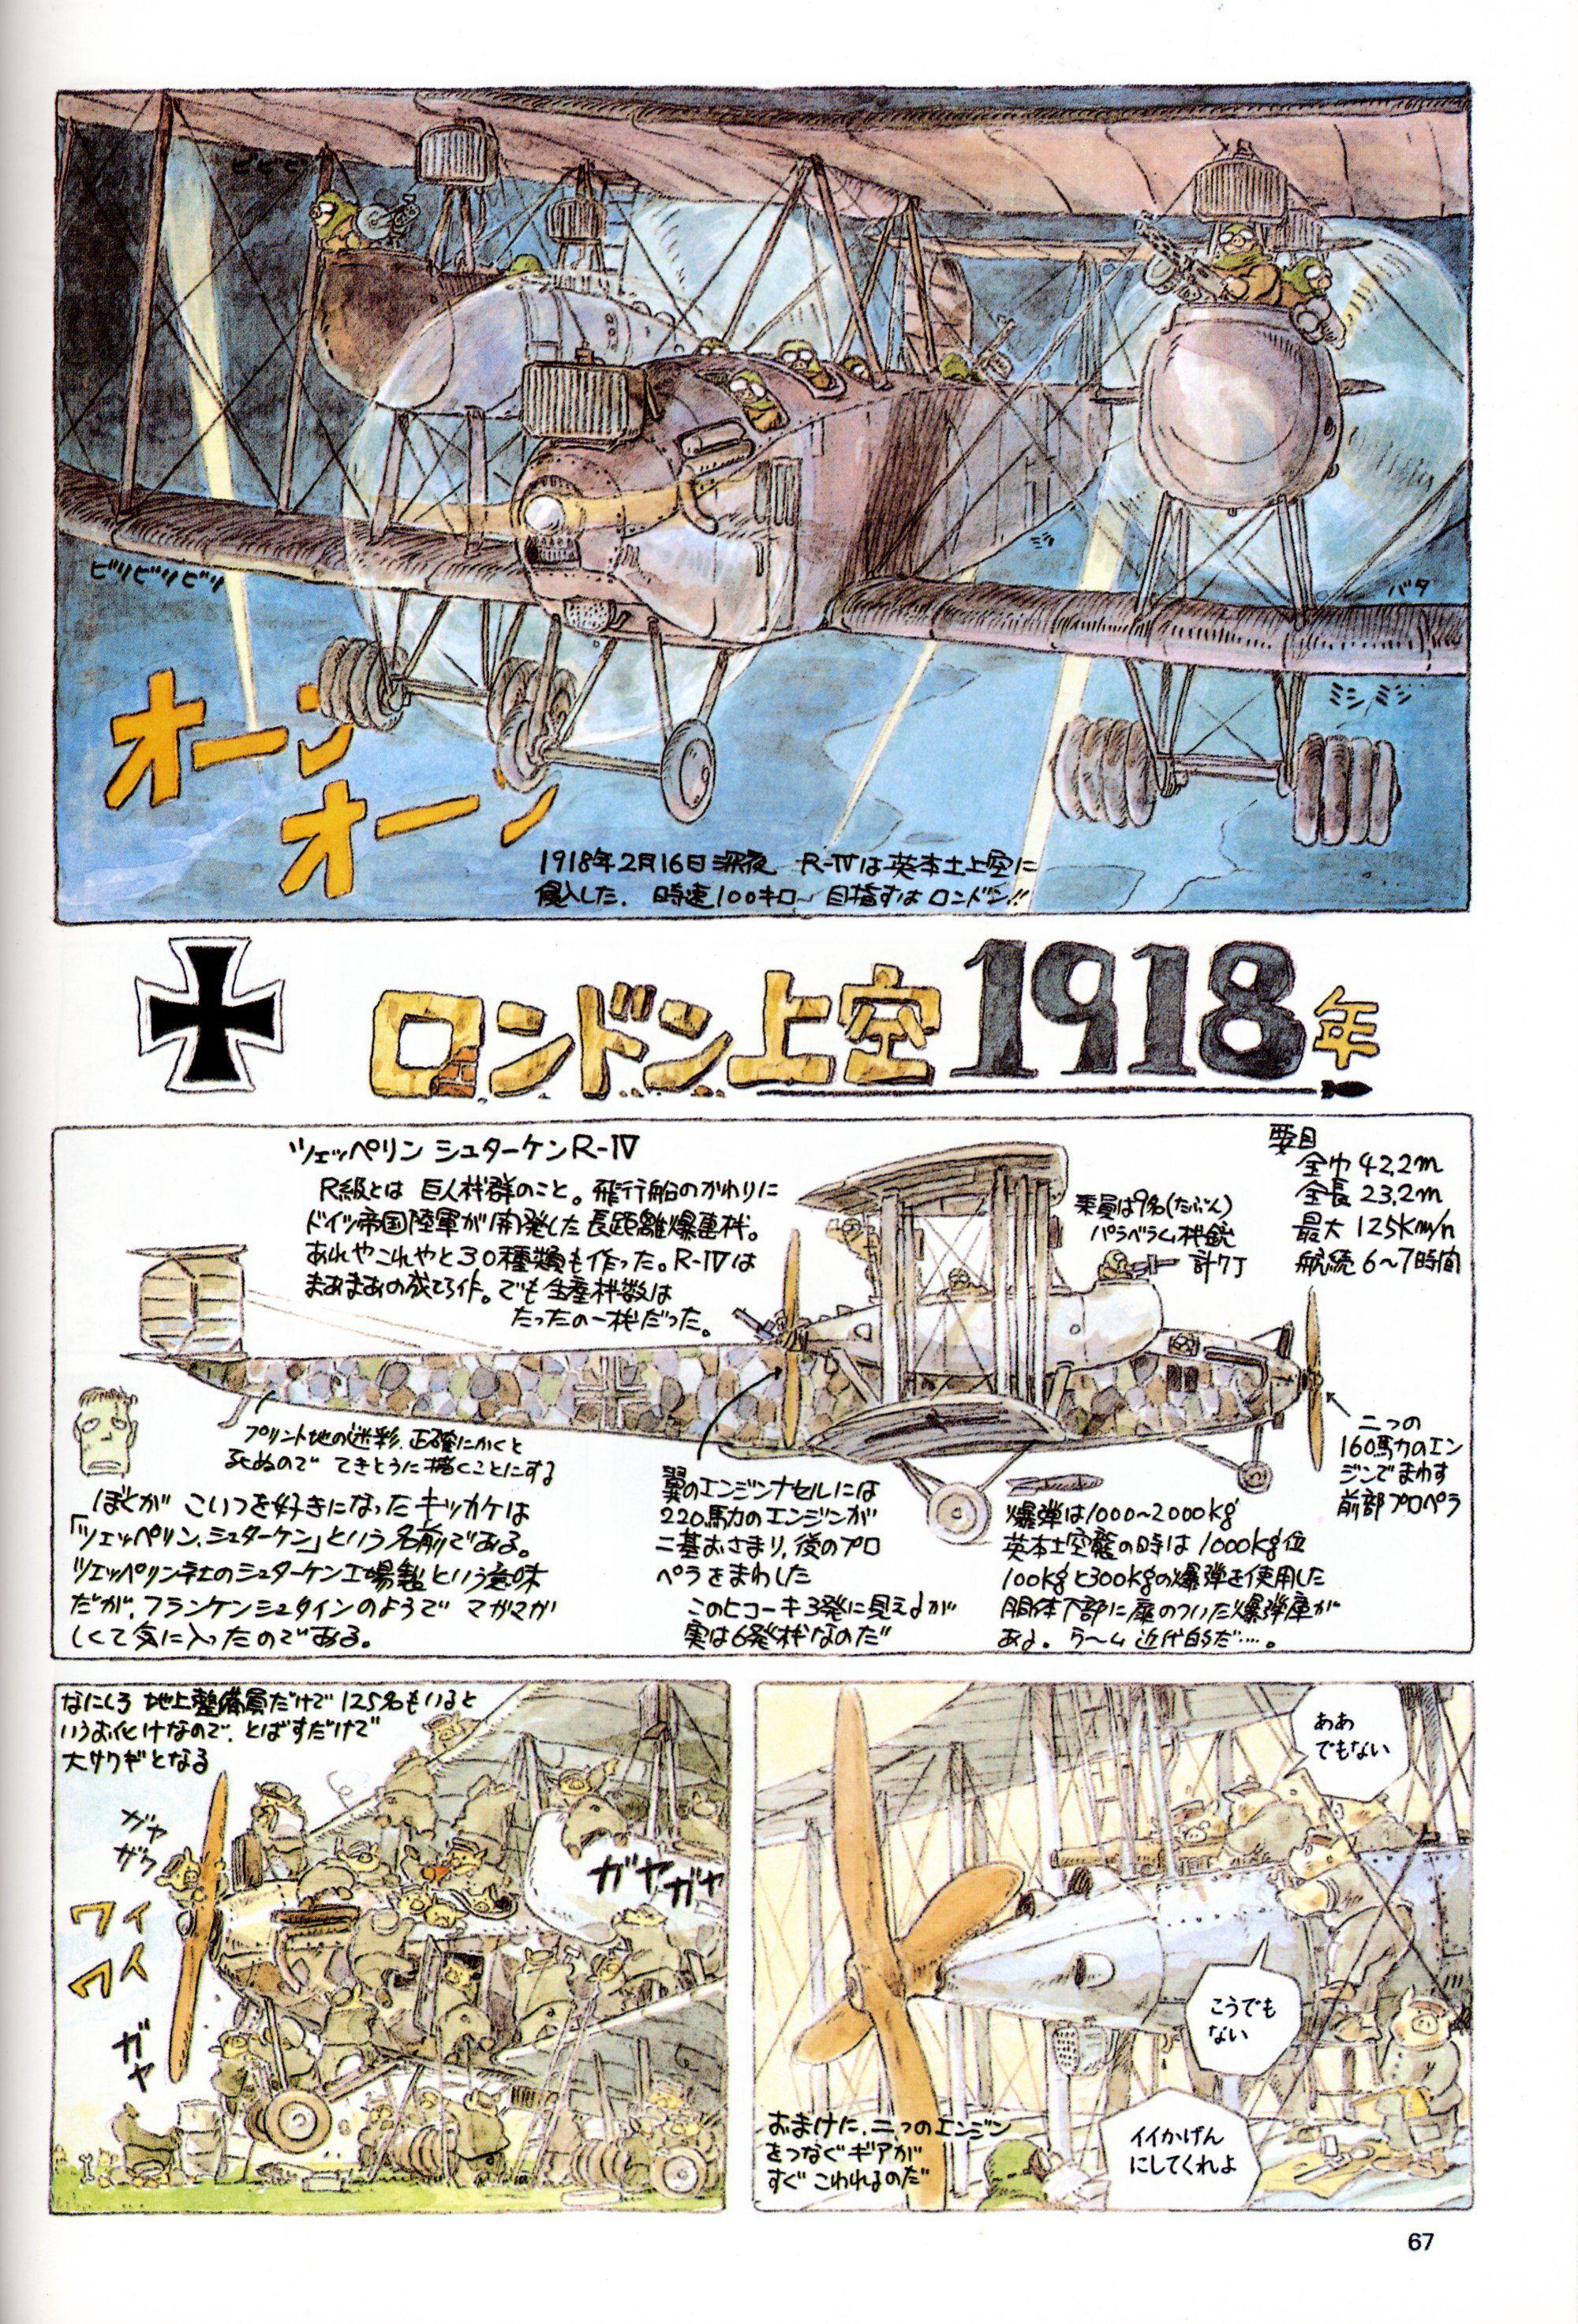 ロンドン上空1918年 宮崎駿 スタジオジブリ イラスト 書き方